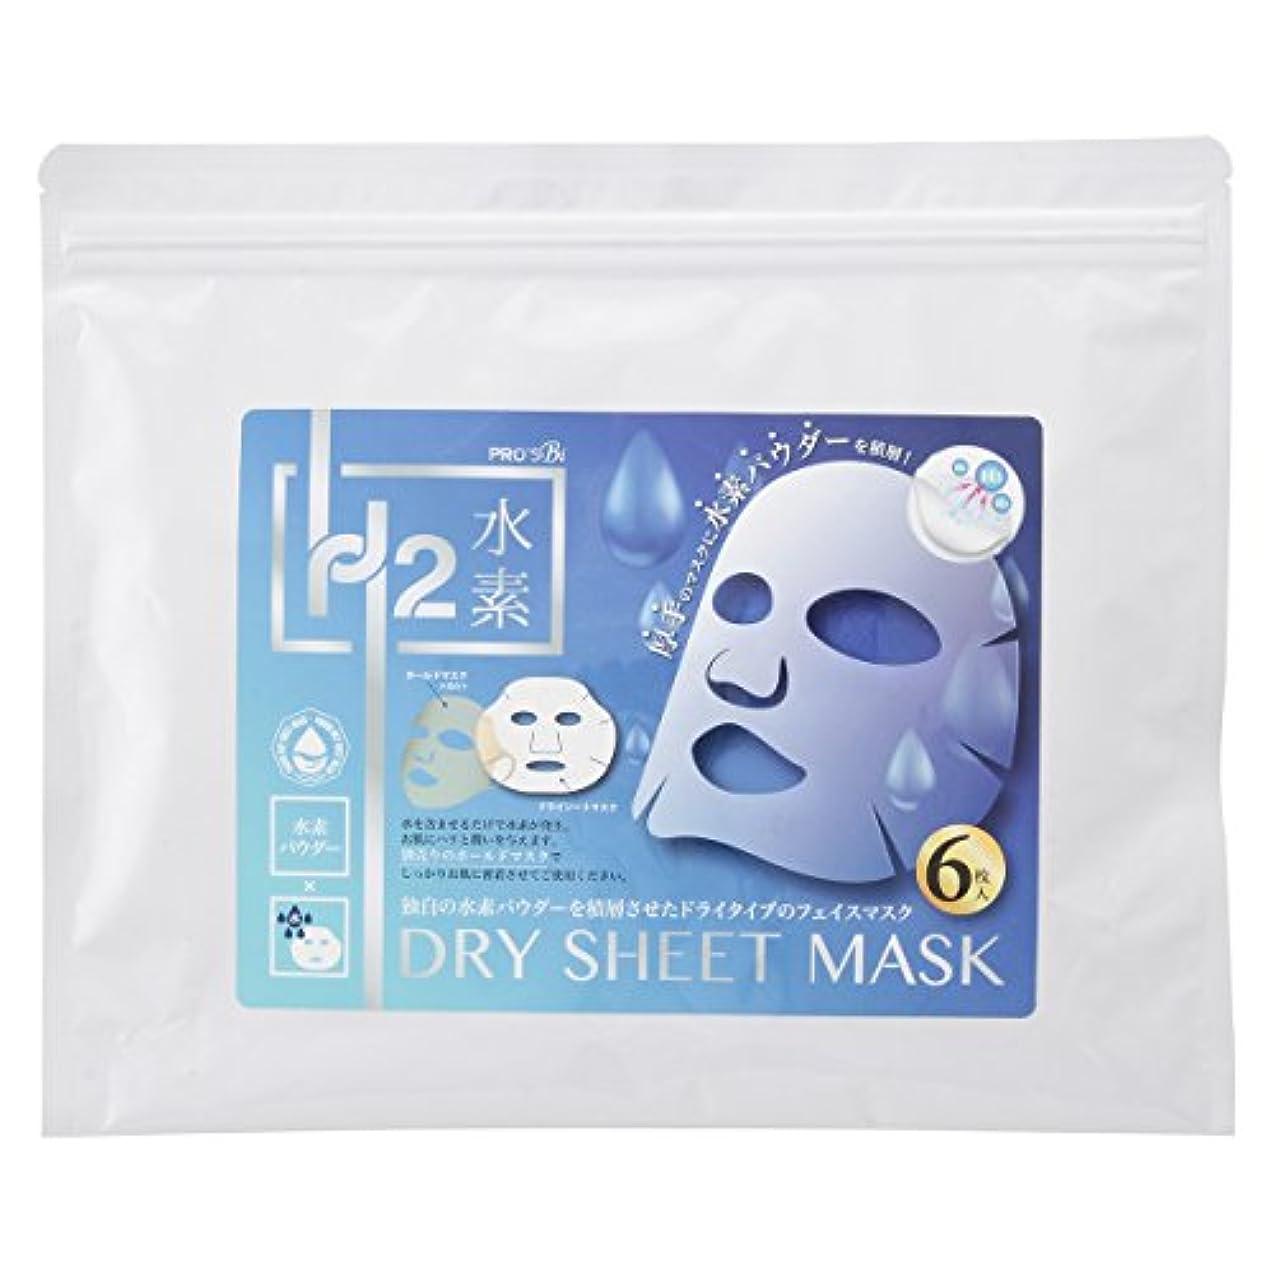 良い枯渇する死< プロズビ > ハイドロシートマスク (6枚入り) [ シートパック フェイスマスク フェイスシート フェイスパック フェイシャルマスク シートマスク フェイシャルシート フェイシャルパック ローションマスク 顔パック ]